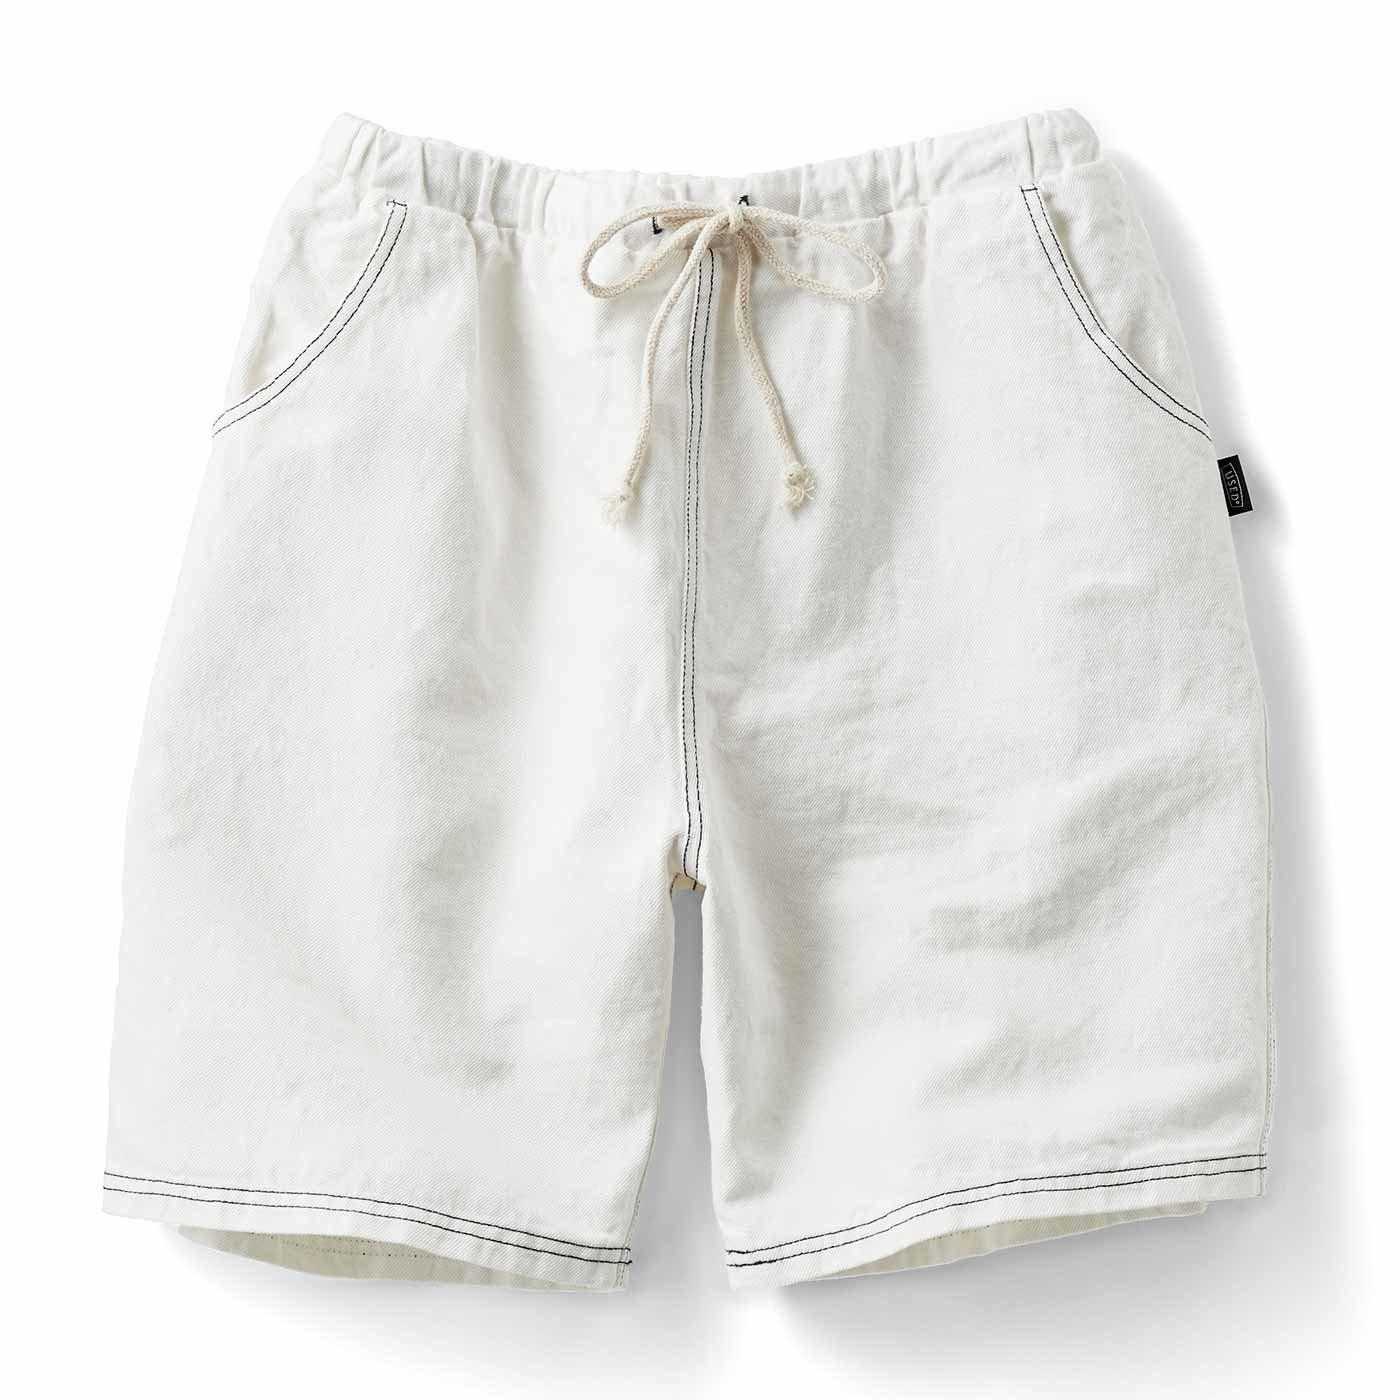 古着屋さんで見つけたような 綿麻デニムのショートパンツ〈ホワイト〉